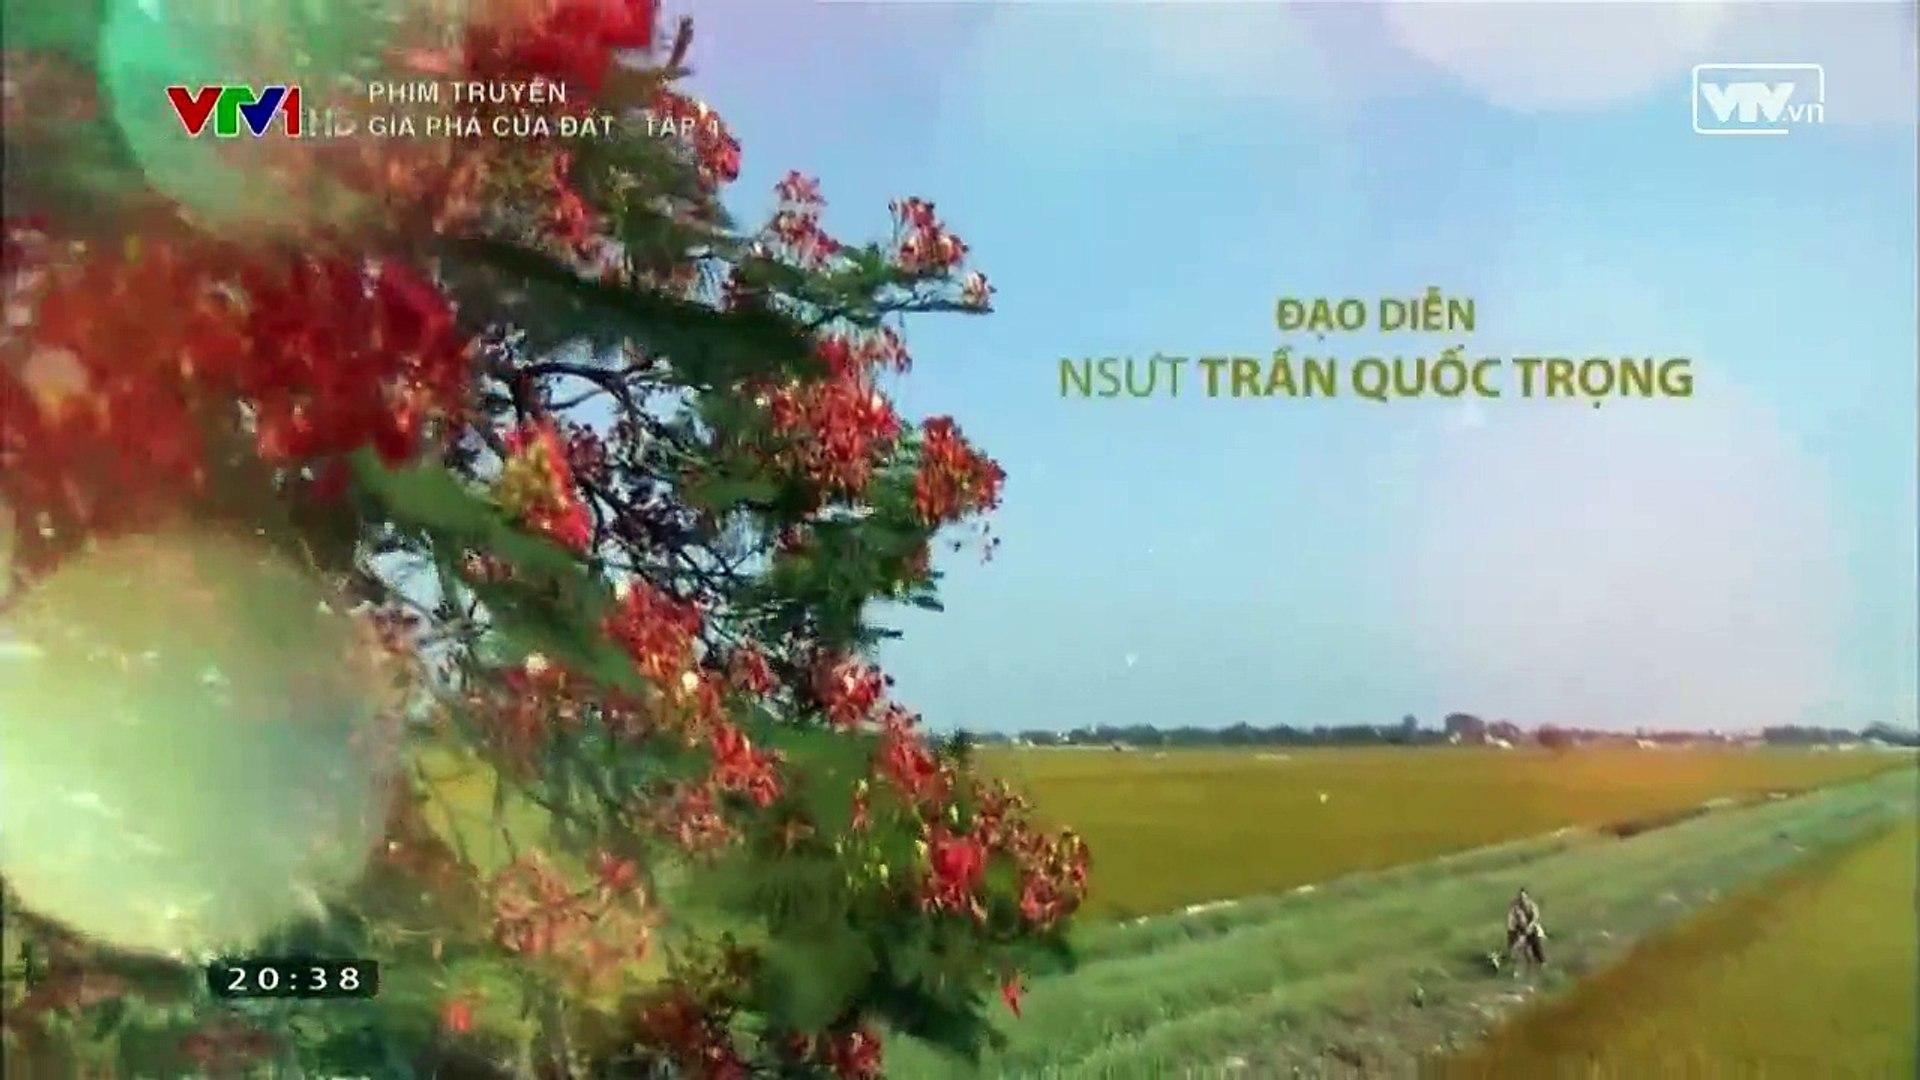 Gia phả của đất - Tập 4 - Phim VTV1